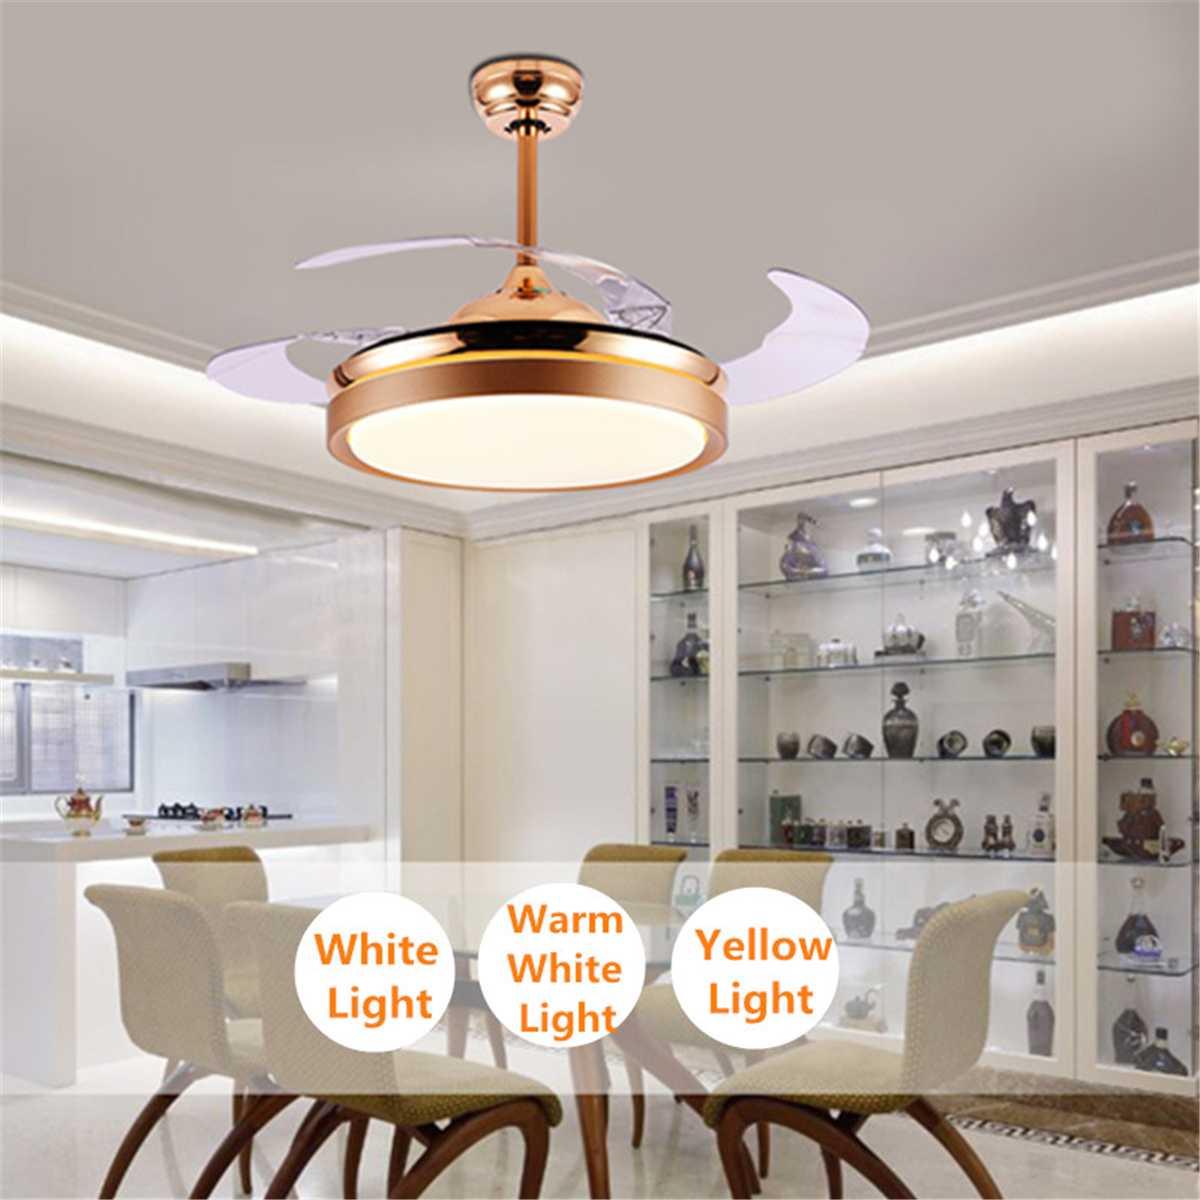 Full Size of Wohnzimmer Led Lampe Kaufen Gnstig Moderne Decke Fans Lichter Wandbilder Esstisch Indirekte Beleuchtung Deckenlampen Für Sofa Kleines Badezimmer Stehlampe Wohnzimmer Wohnzimmer Led Lampe